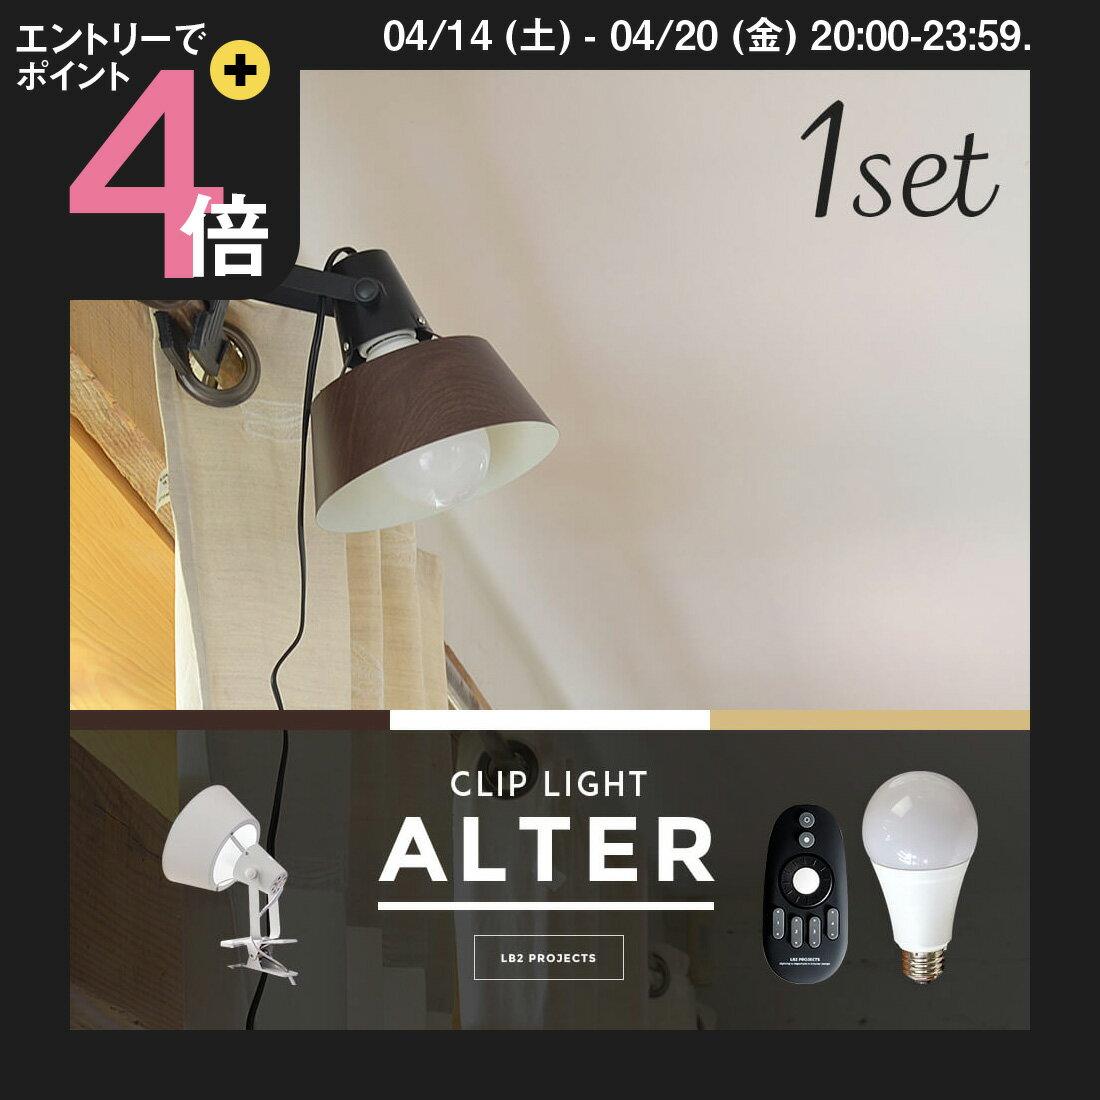 【エントリーでP5倍 4月20日まで★ 1個セット クリップライト リモコン/LED電球付 1灯 ALTER(オールター) おしゃれ 照明 電気 ライト スタンド 間接照明 】